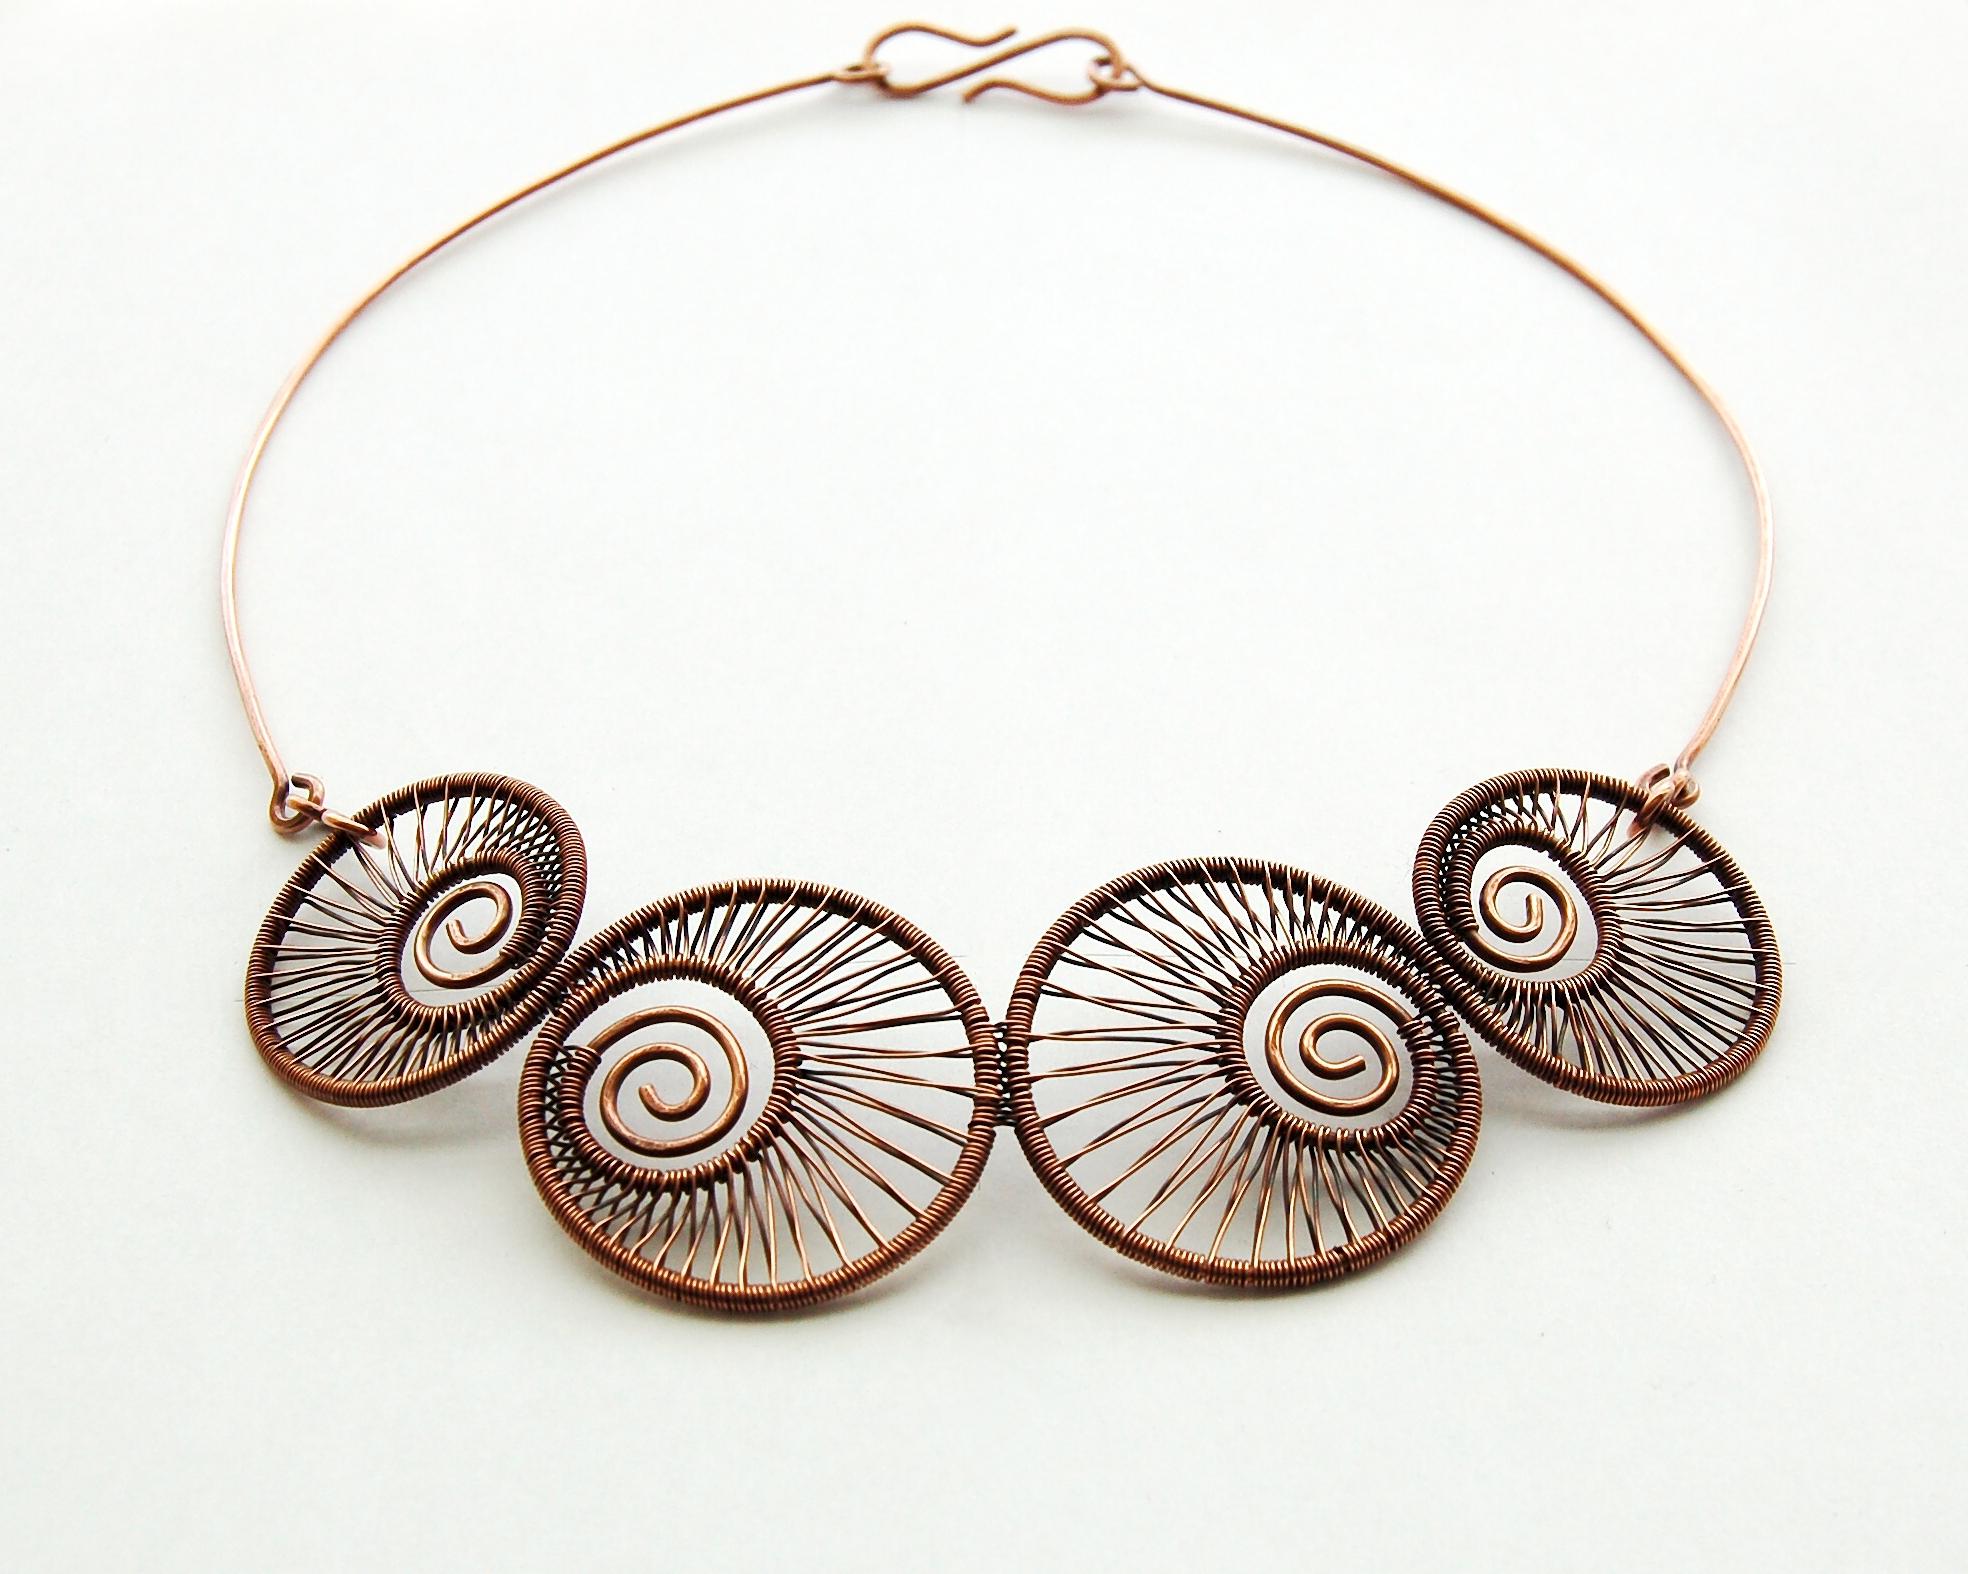 Hintergrundbilder : Halskette, Los, Handgefertigt, Schmuck, Kupfer ...